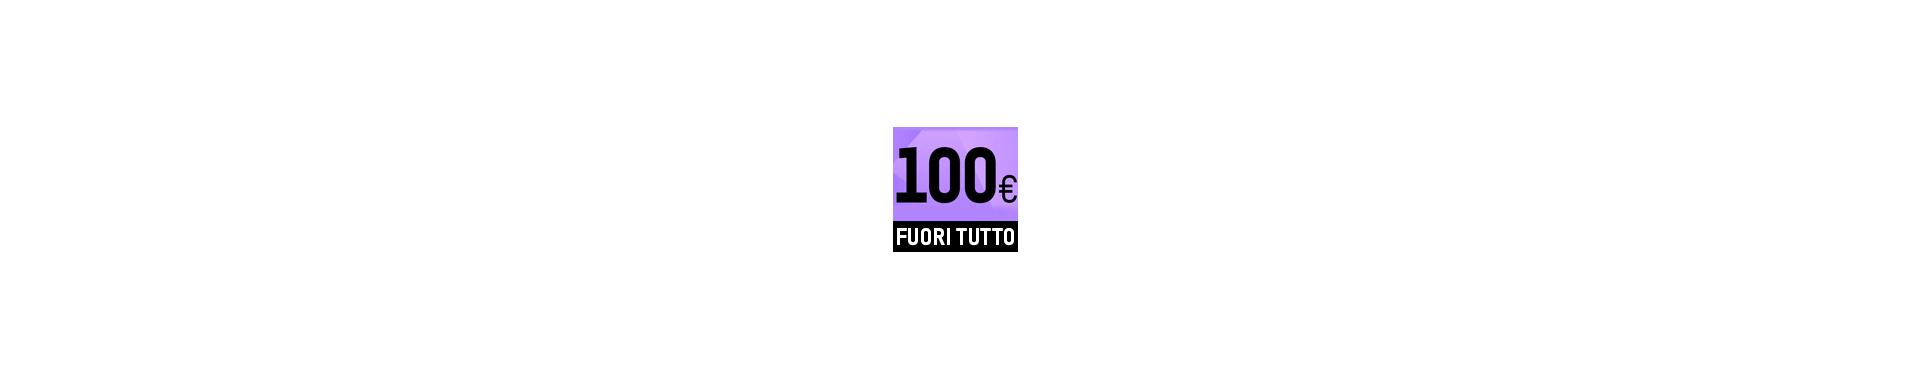 Fuori tutto giacche in pelle per moto a 100 euro